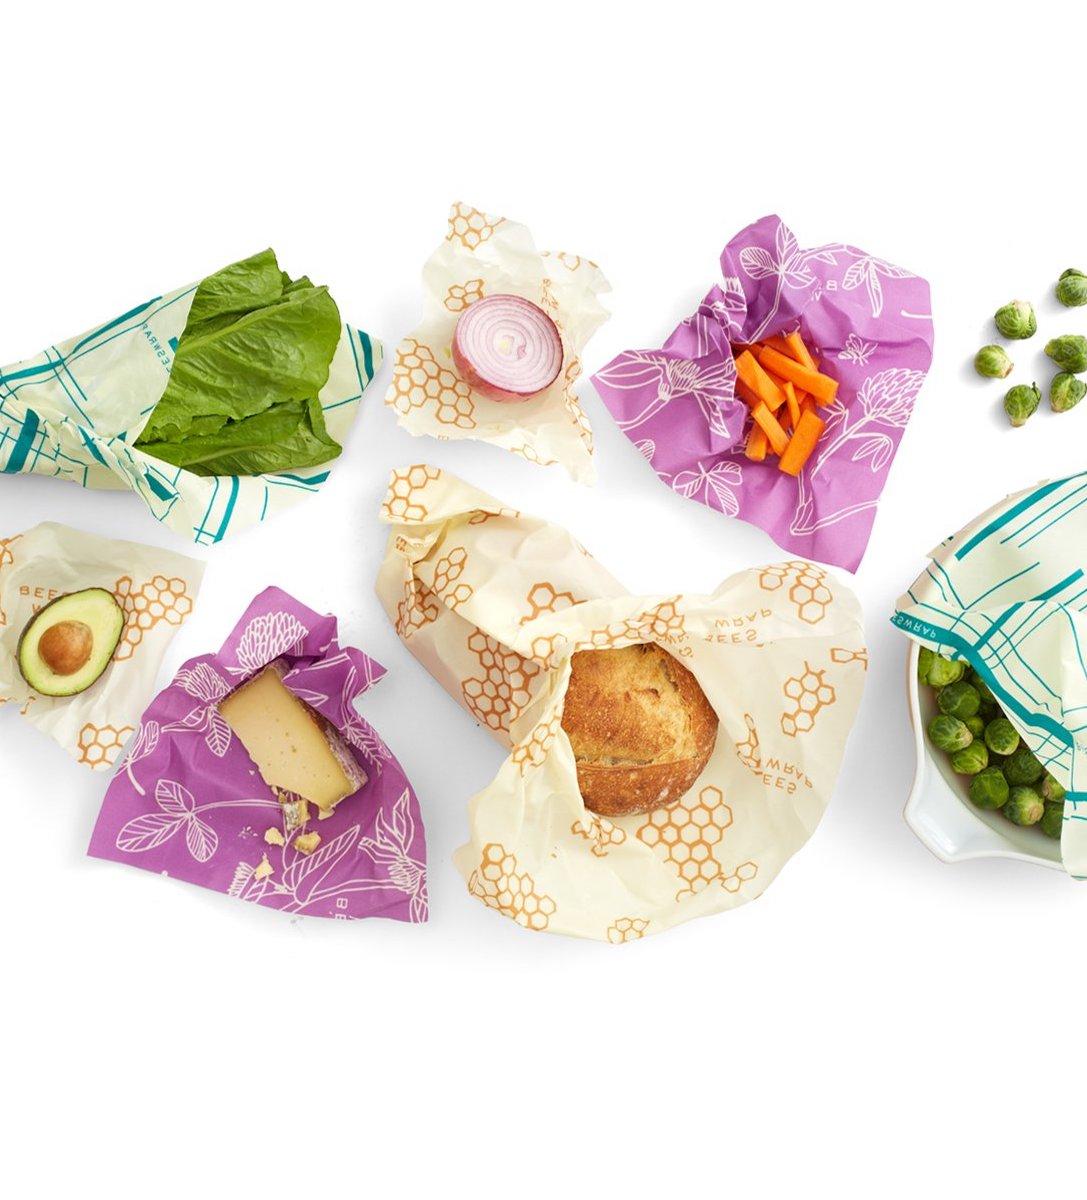 zéro déchet bee wrap violet blanc rayure bleu aliment - blog déco - clem around the corner